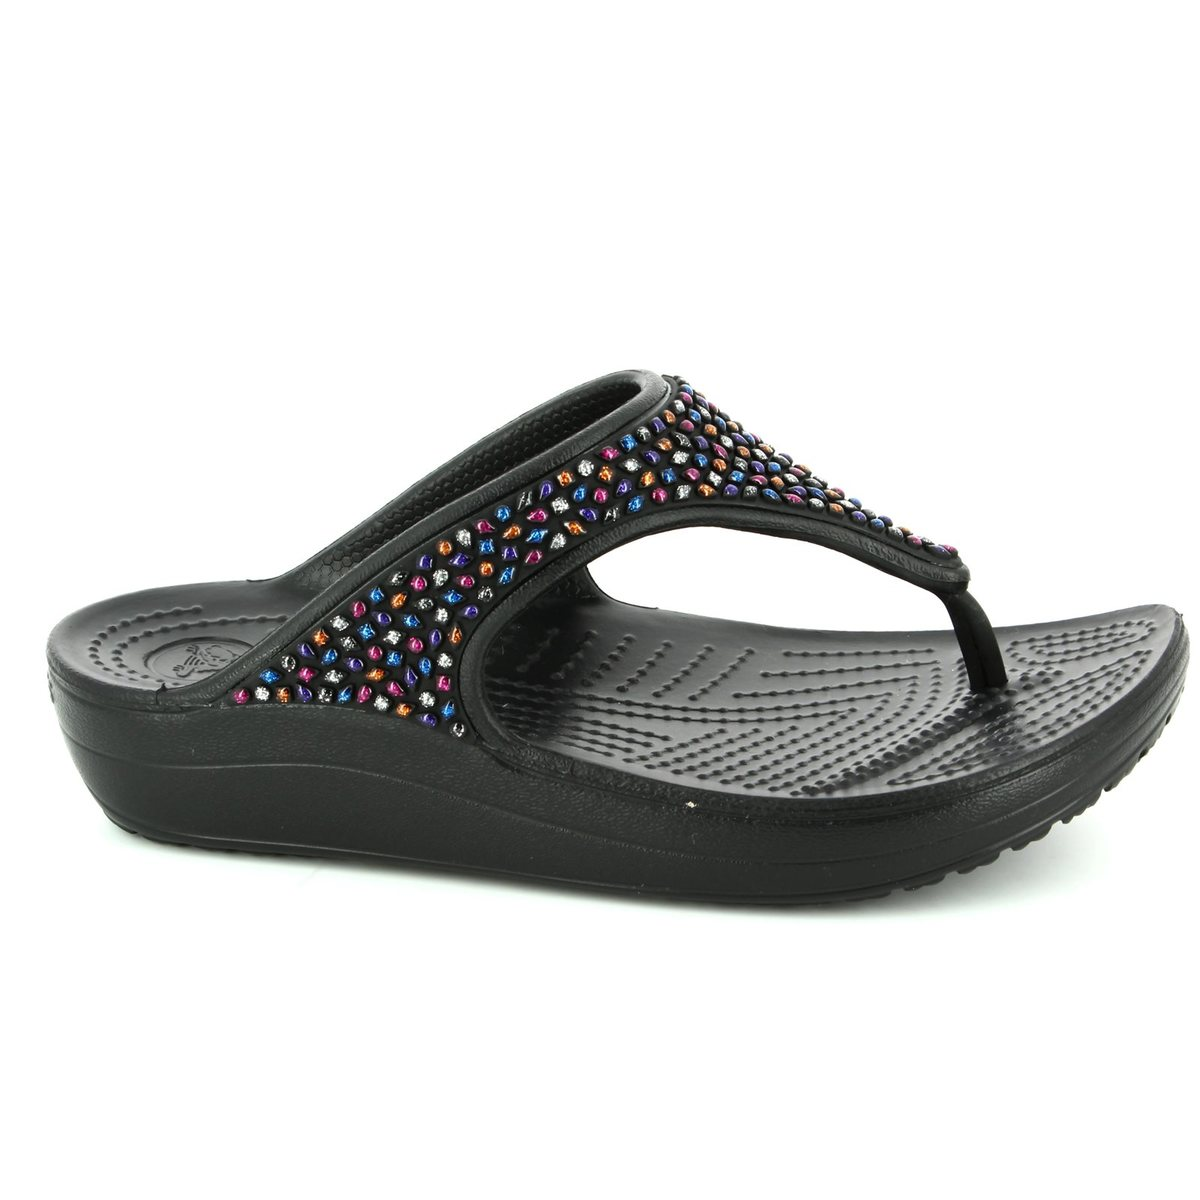 3c40df6cfe Crocs Sandals - Black multi - 204181 0C4 SLOANE FLIP